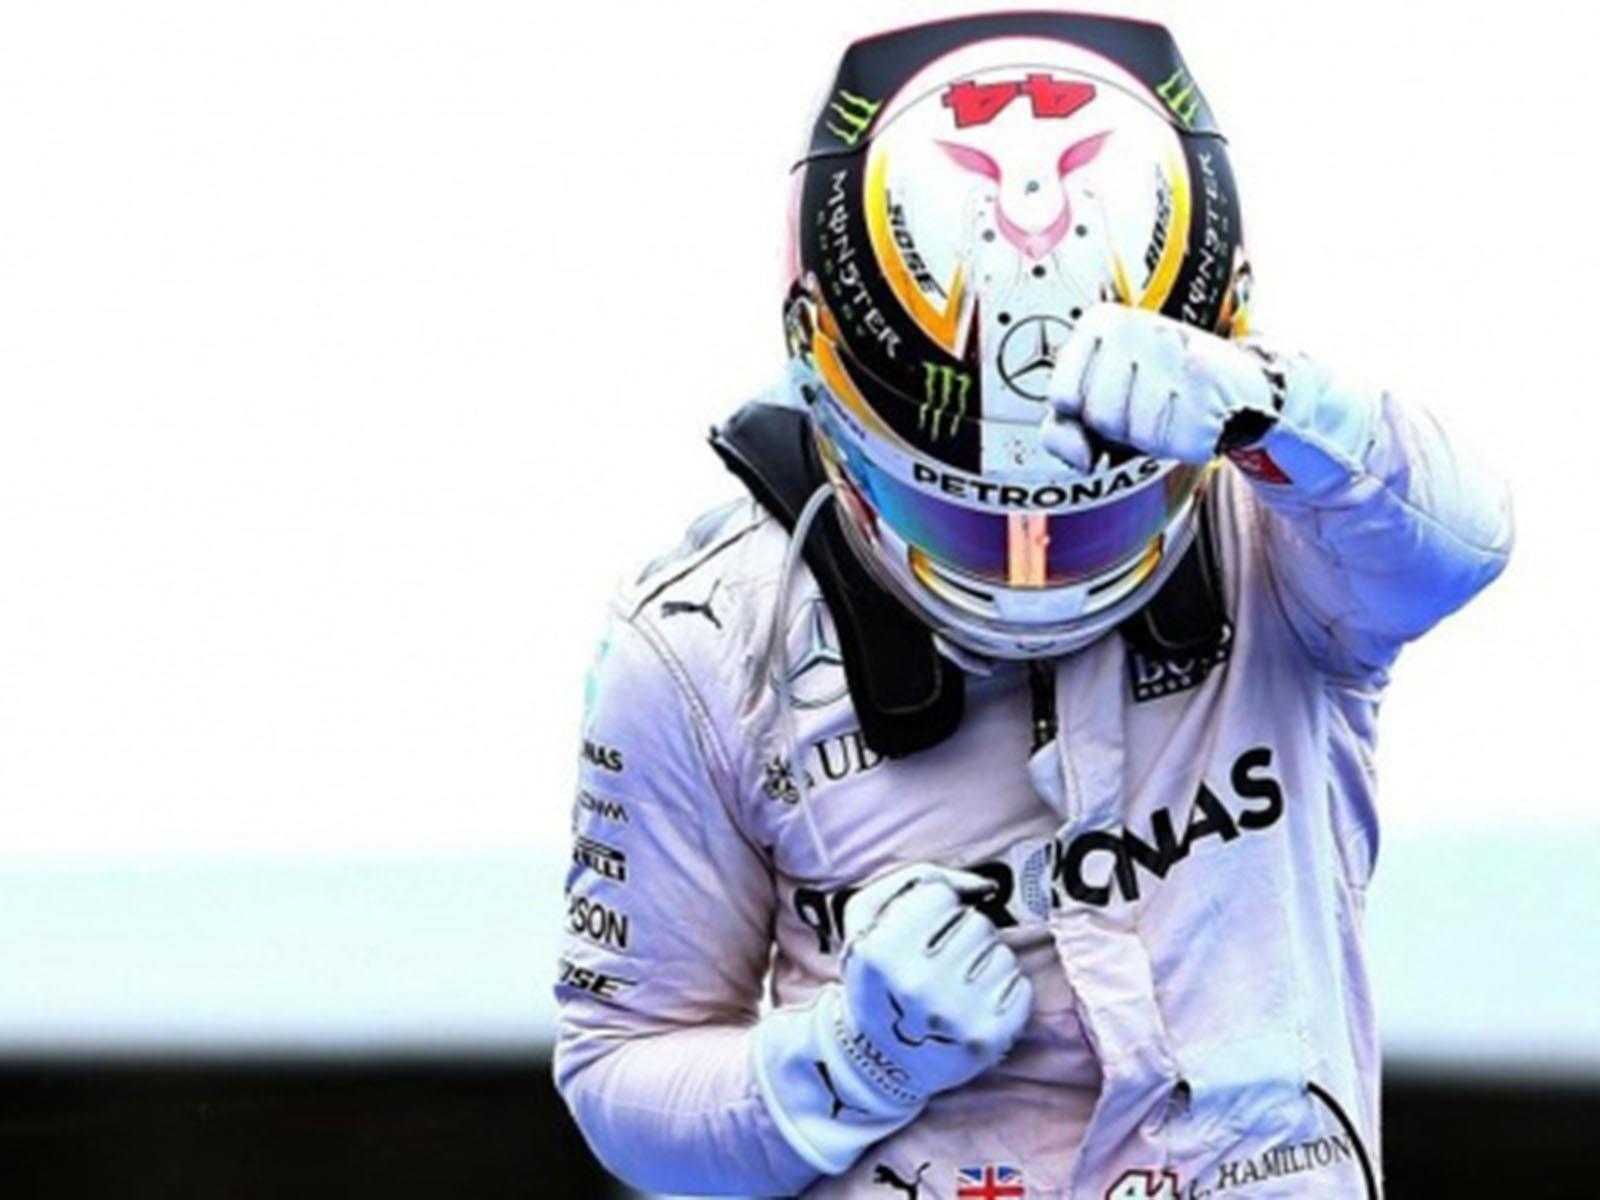 F1 GP de Canadá 2016: Hamilton sigue de racha